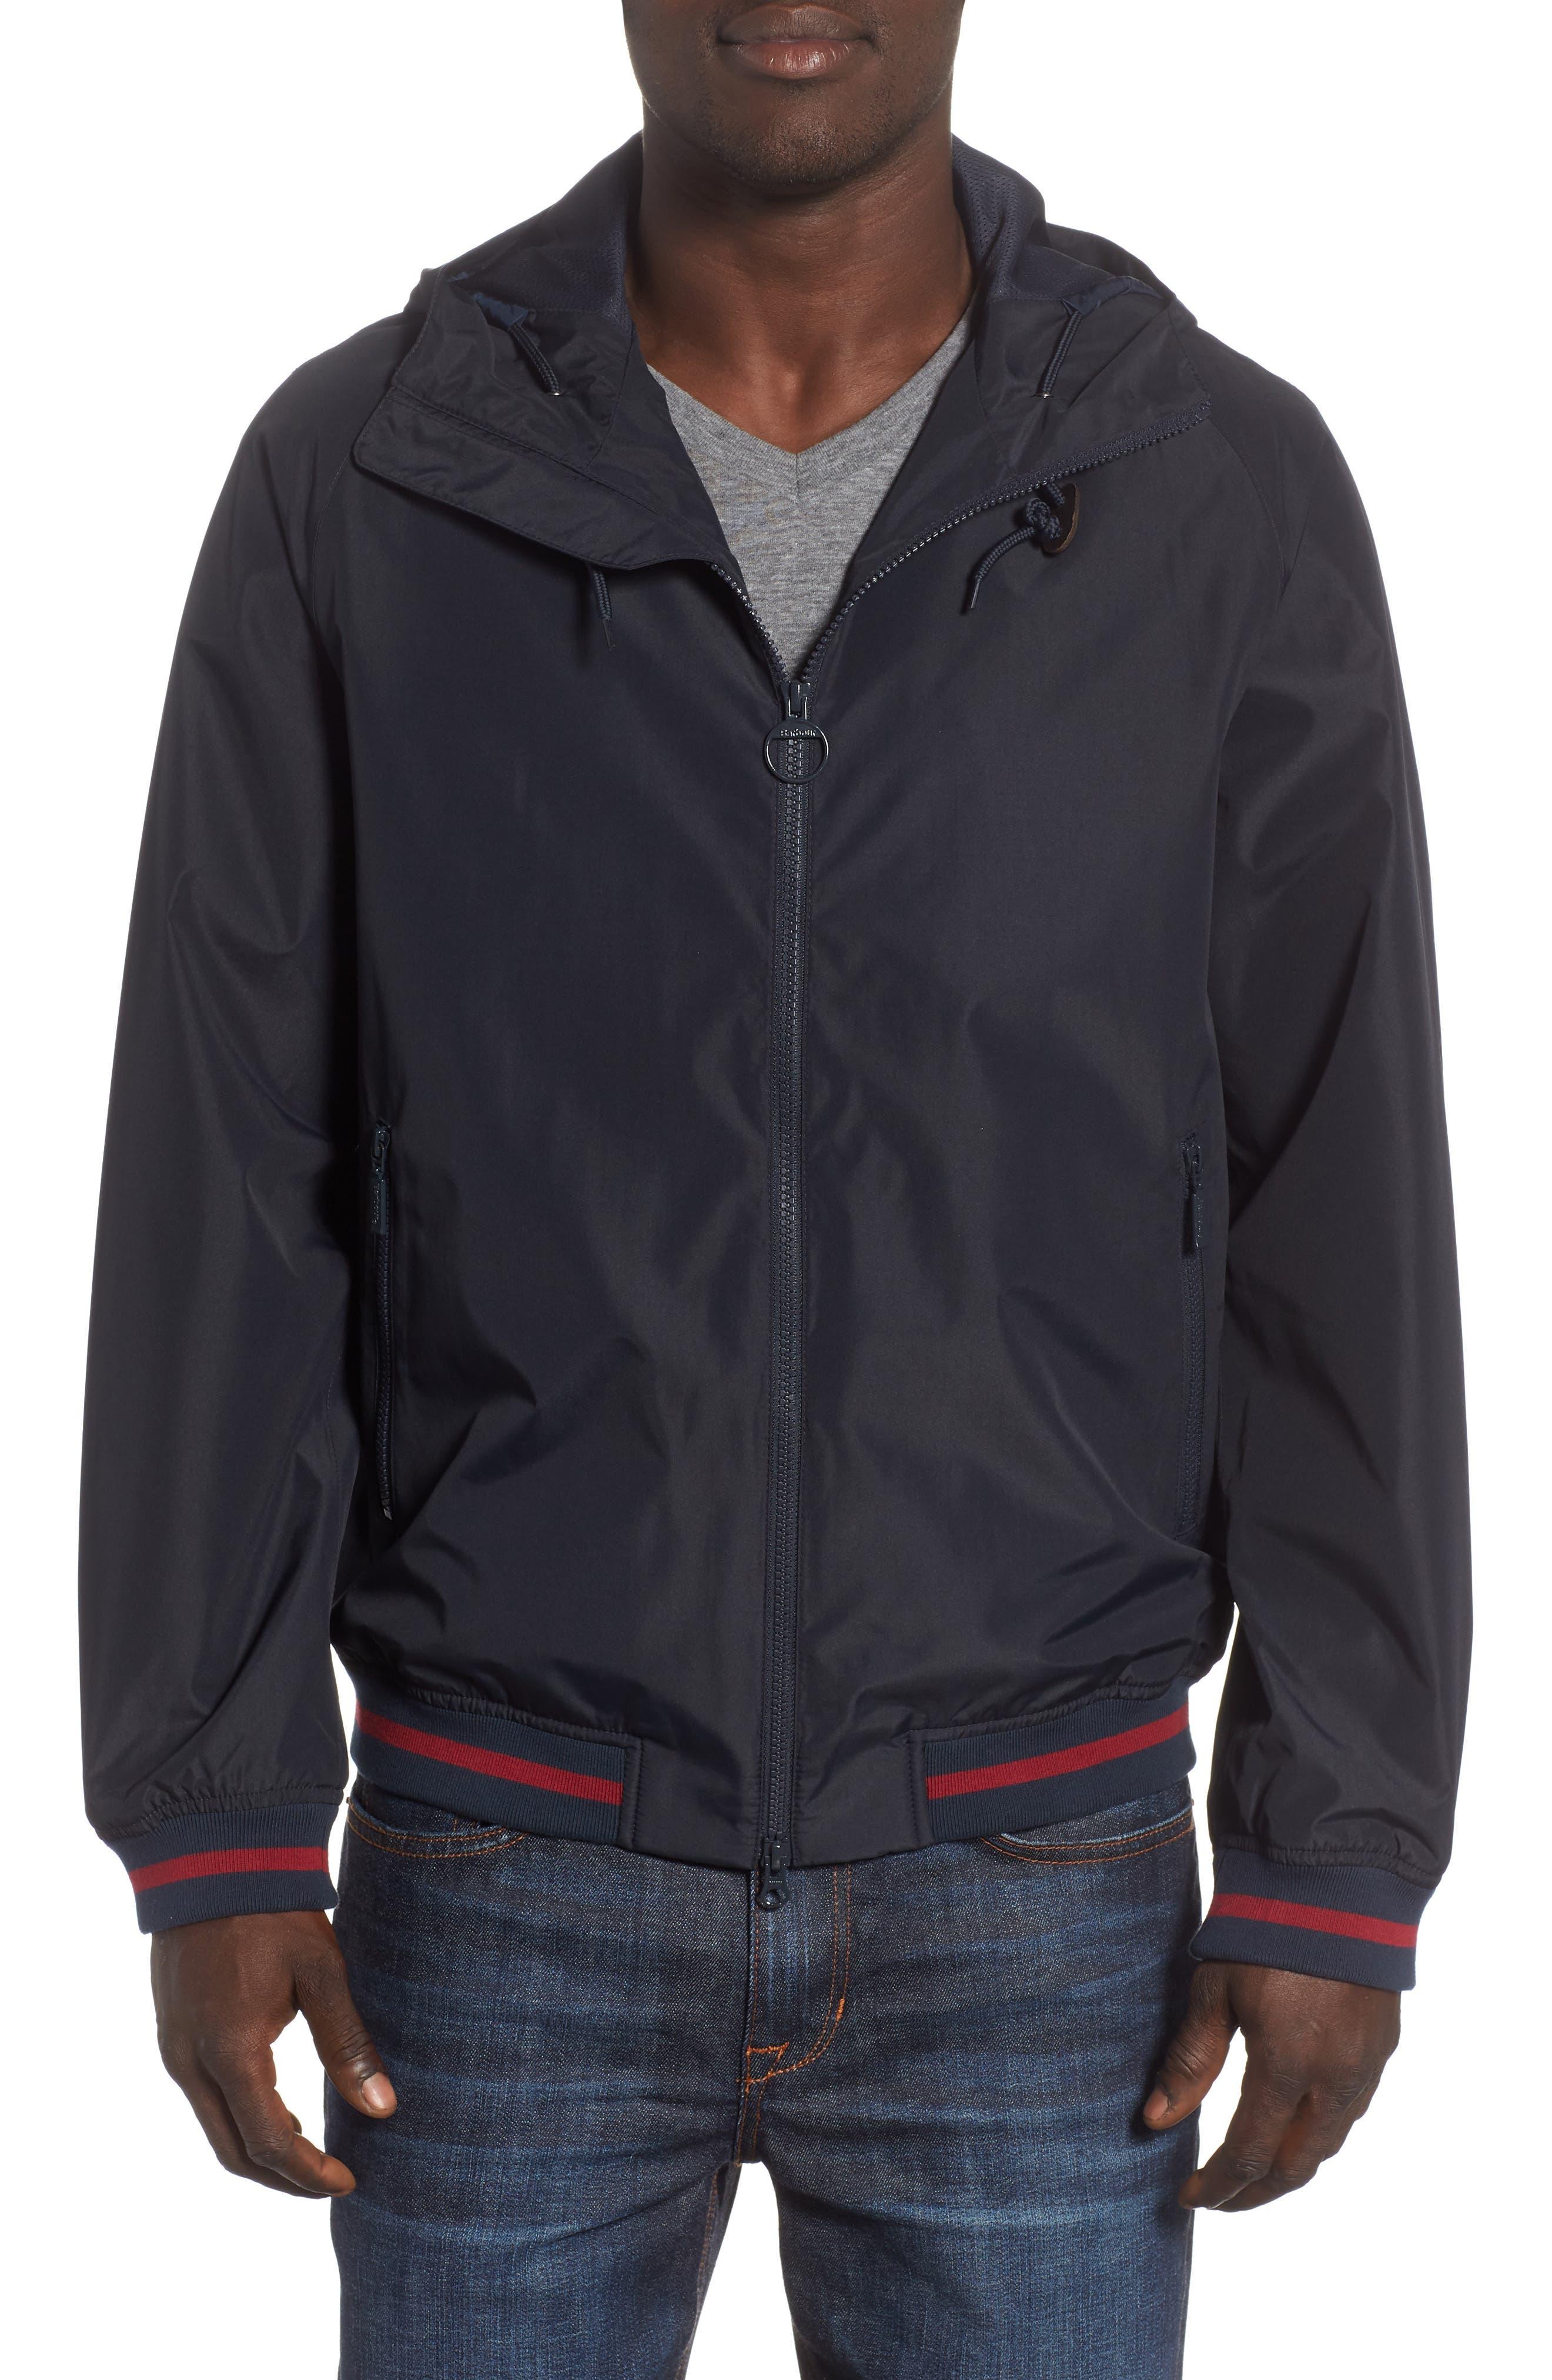 Twent Waterproof Jacket,                         Main,                         color, Navy